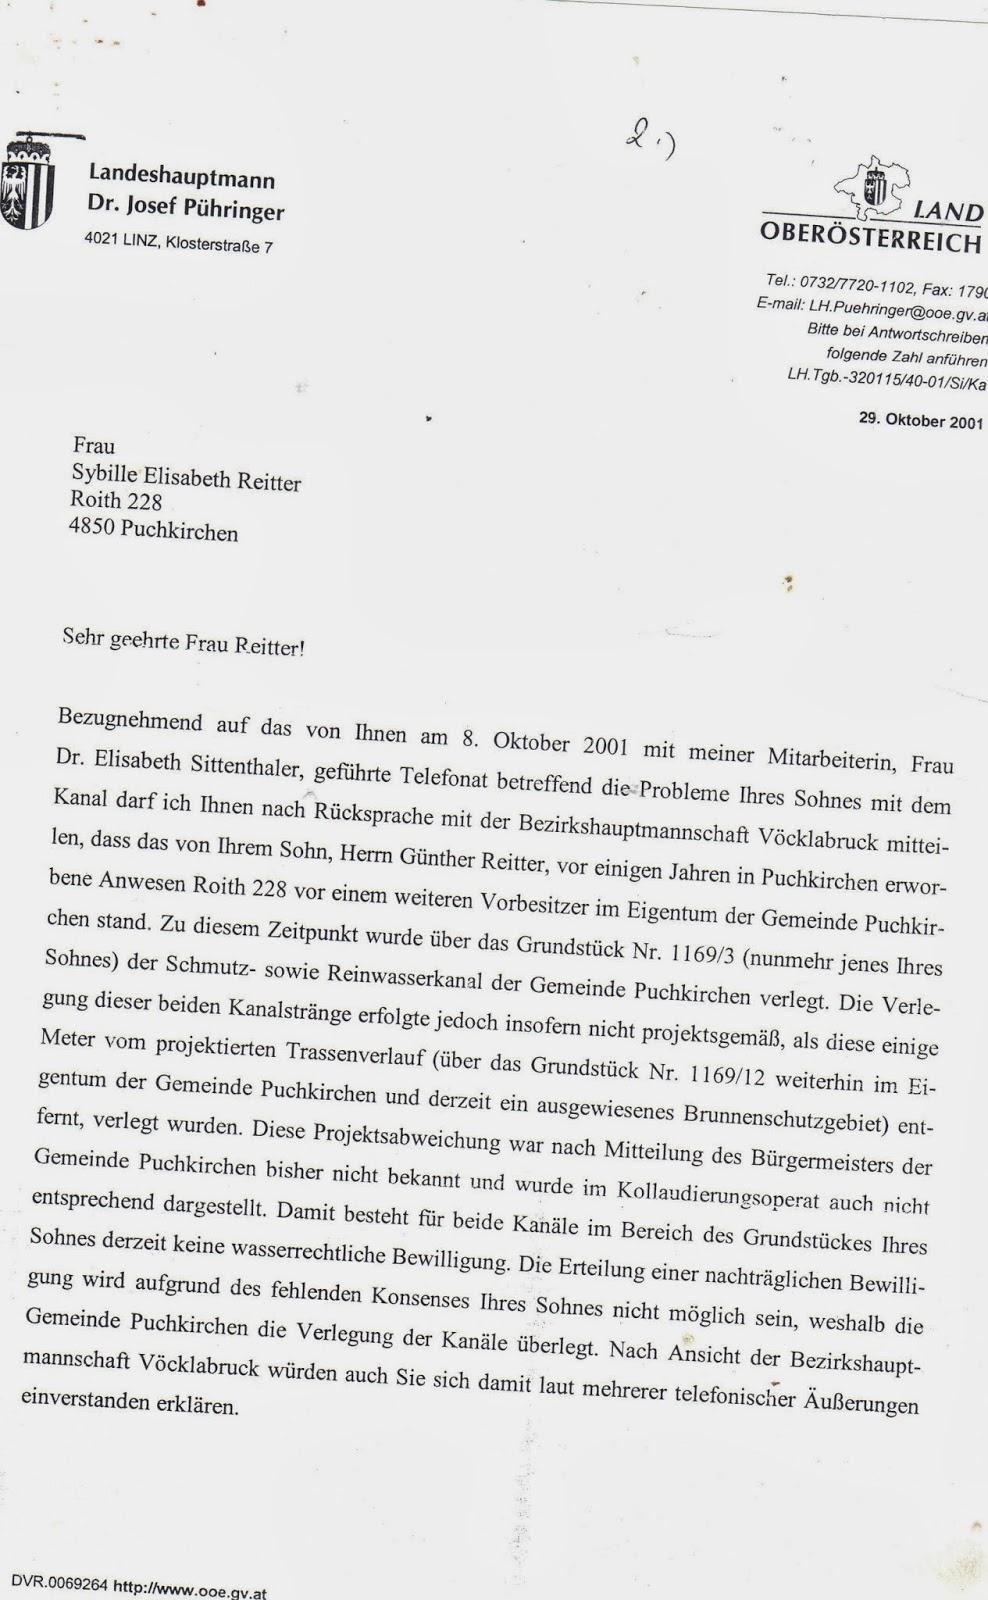 Amtsmissbrauch Durch ätigte Rechtsspiele Der Verwaltung Am Land